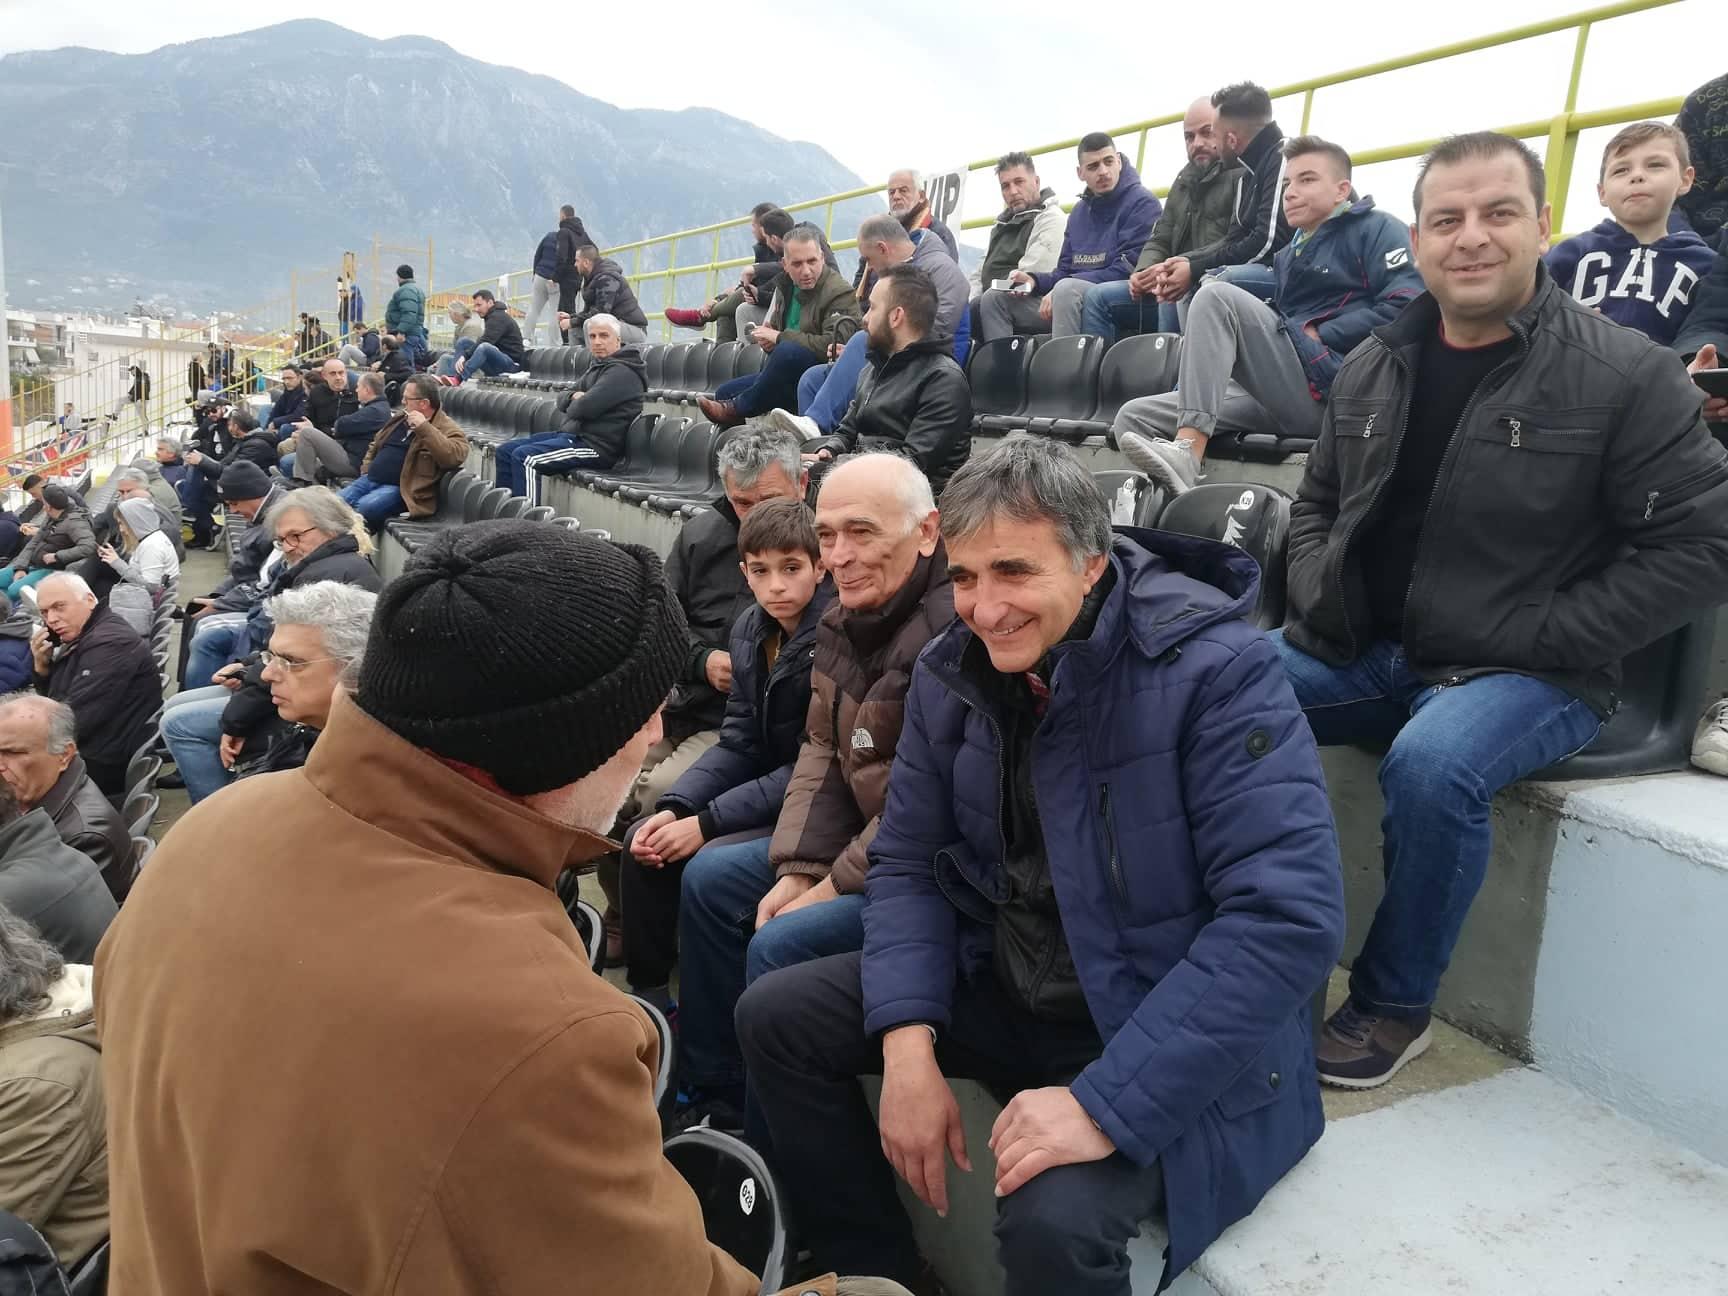 Παρακάμερα Sportstonoto.gr: Ικανοποίηση το φινάλε στην Παραλία (video)